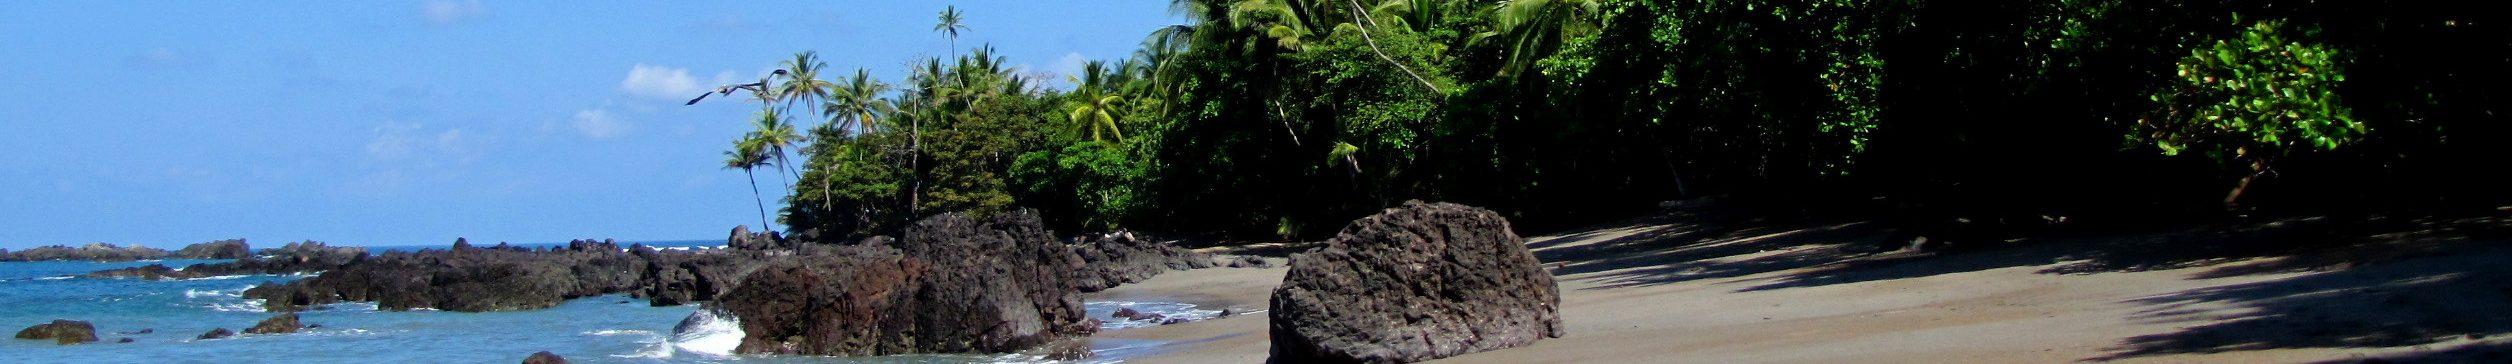 parc national de corcovado costa rica voyage plage